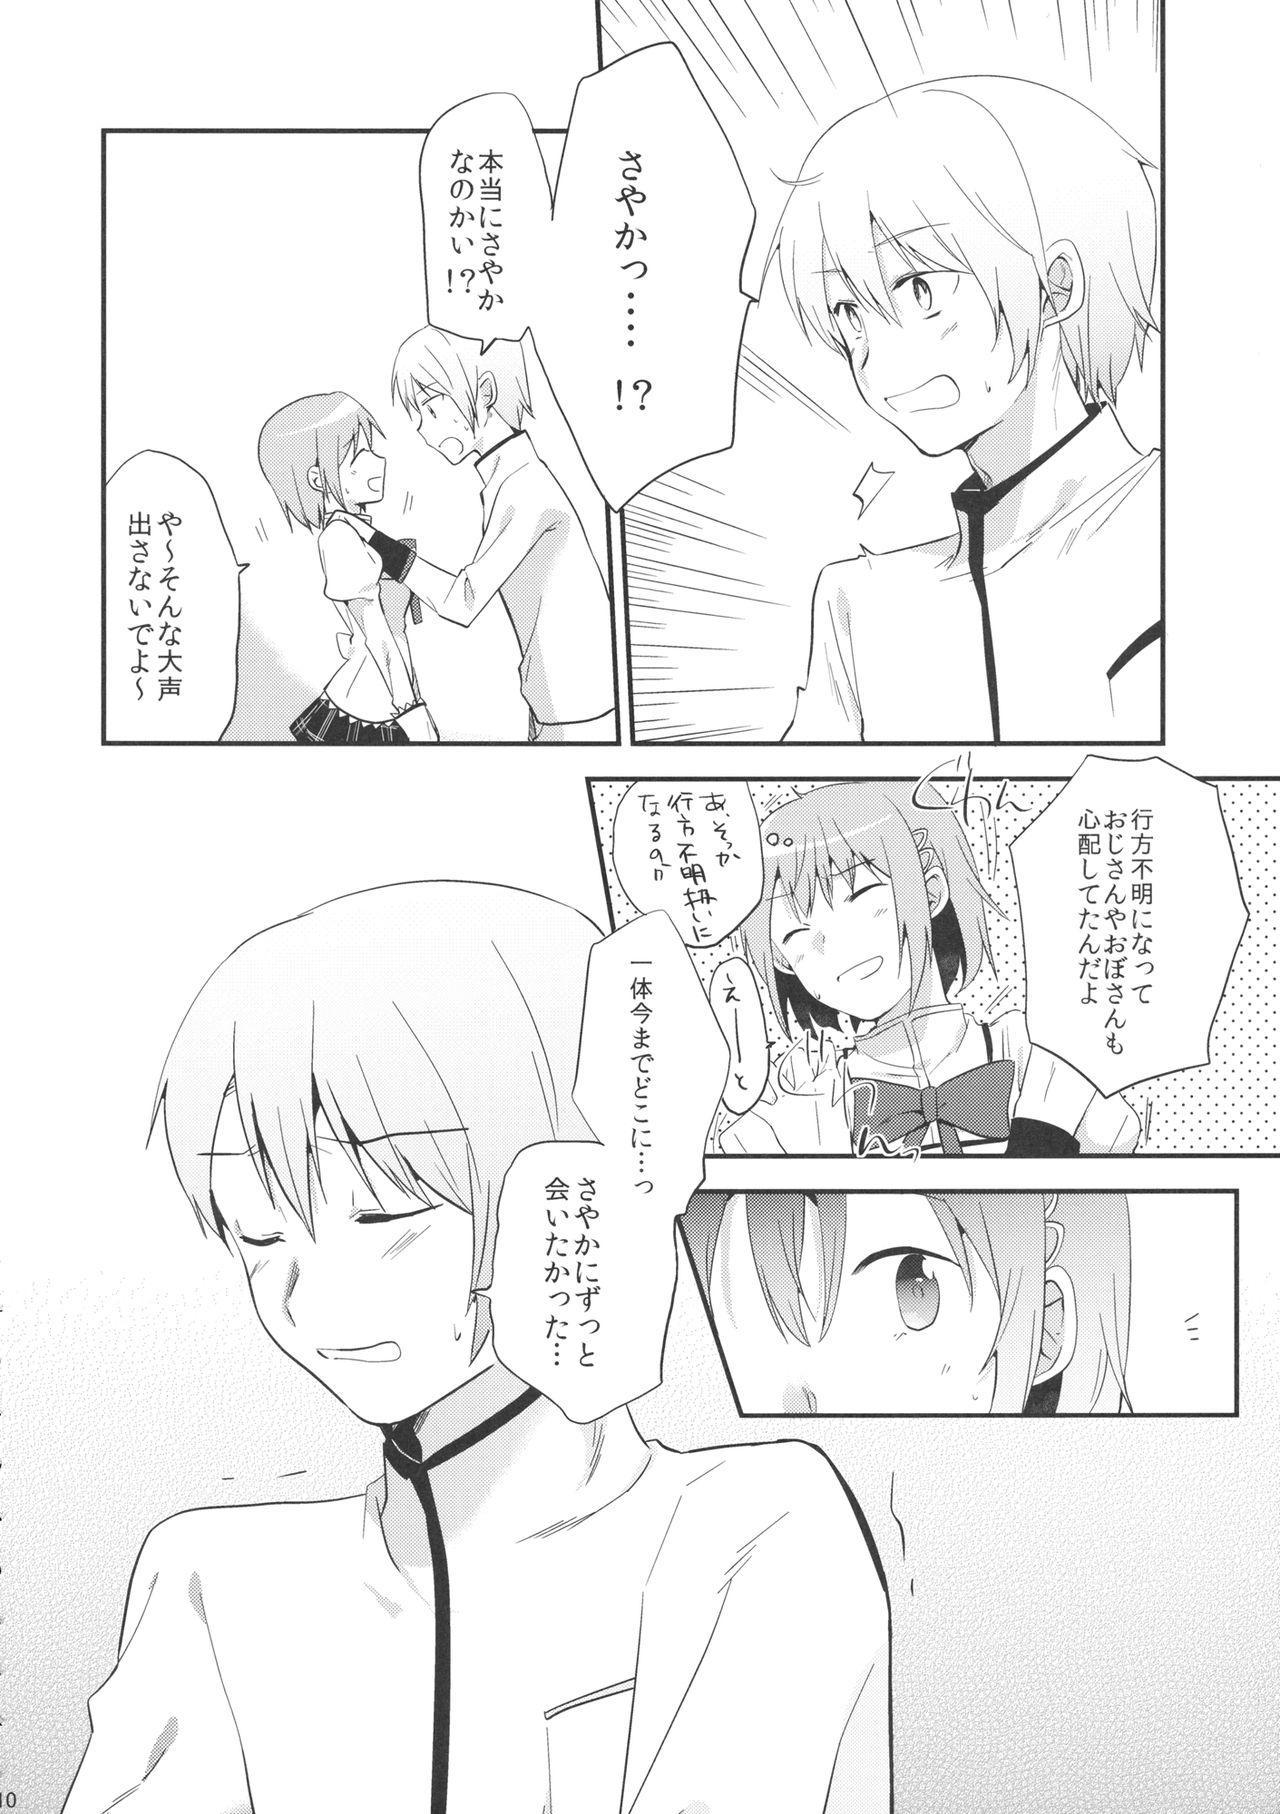 if Kanzenban 8